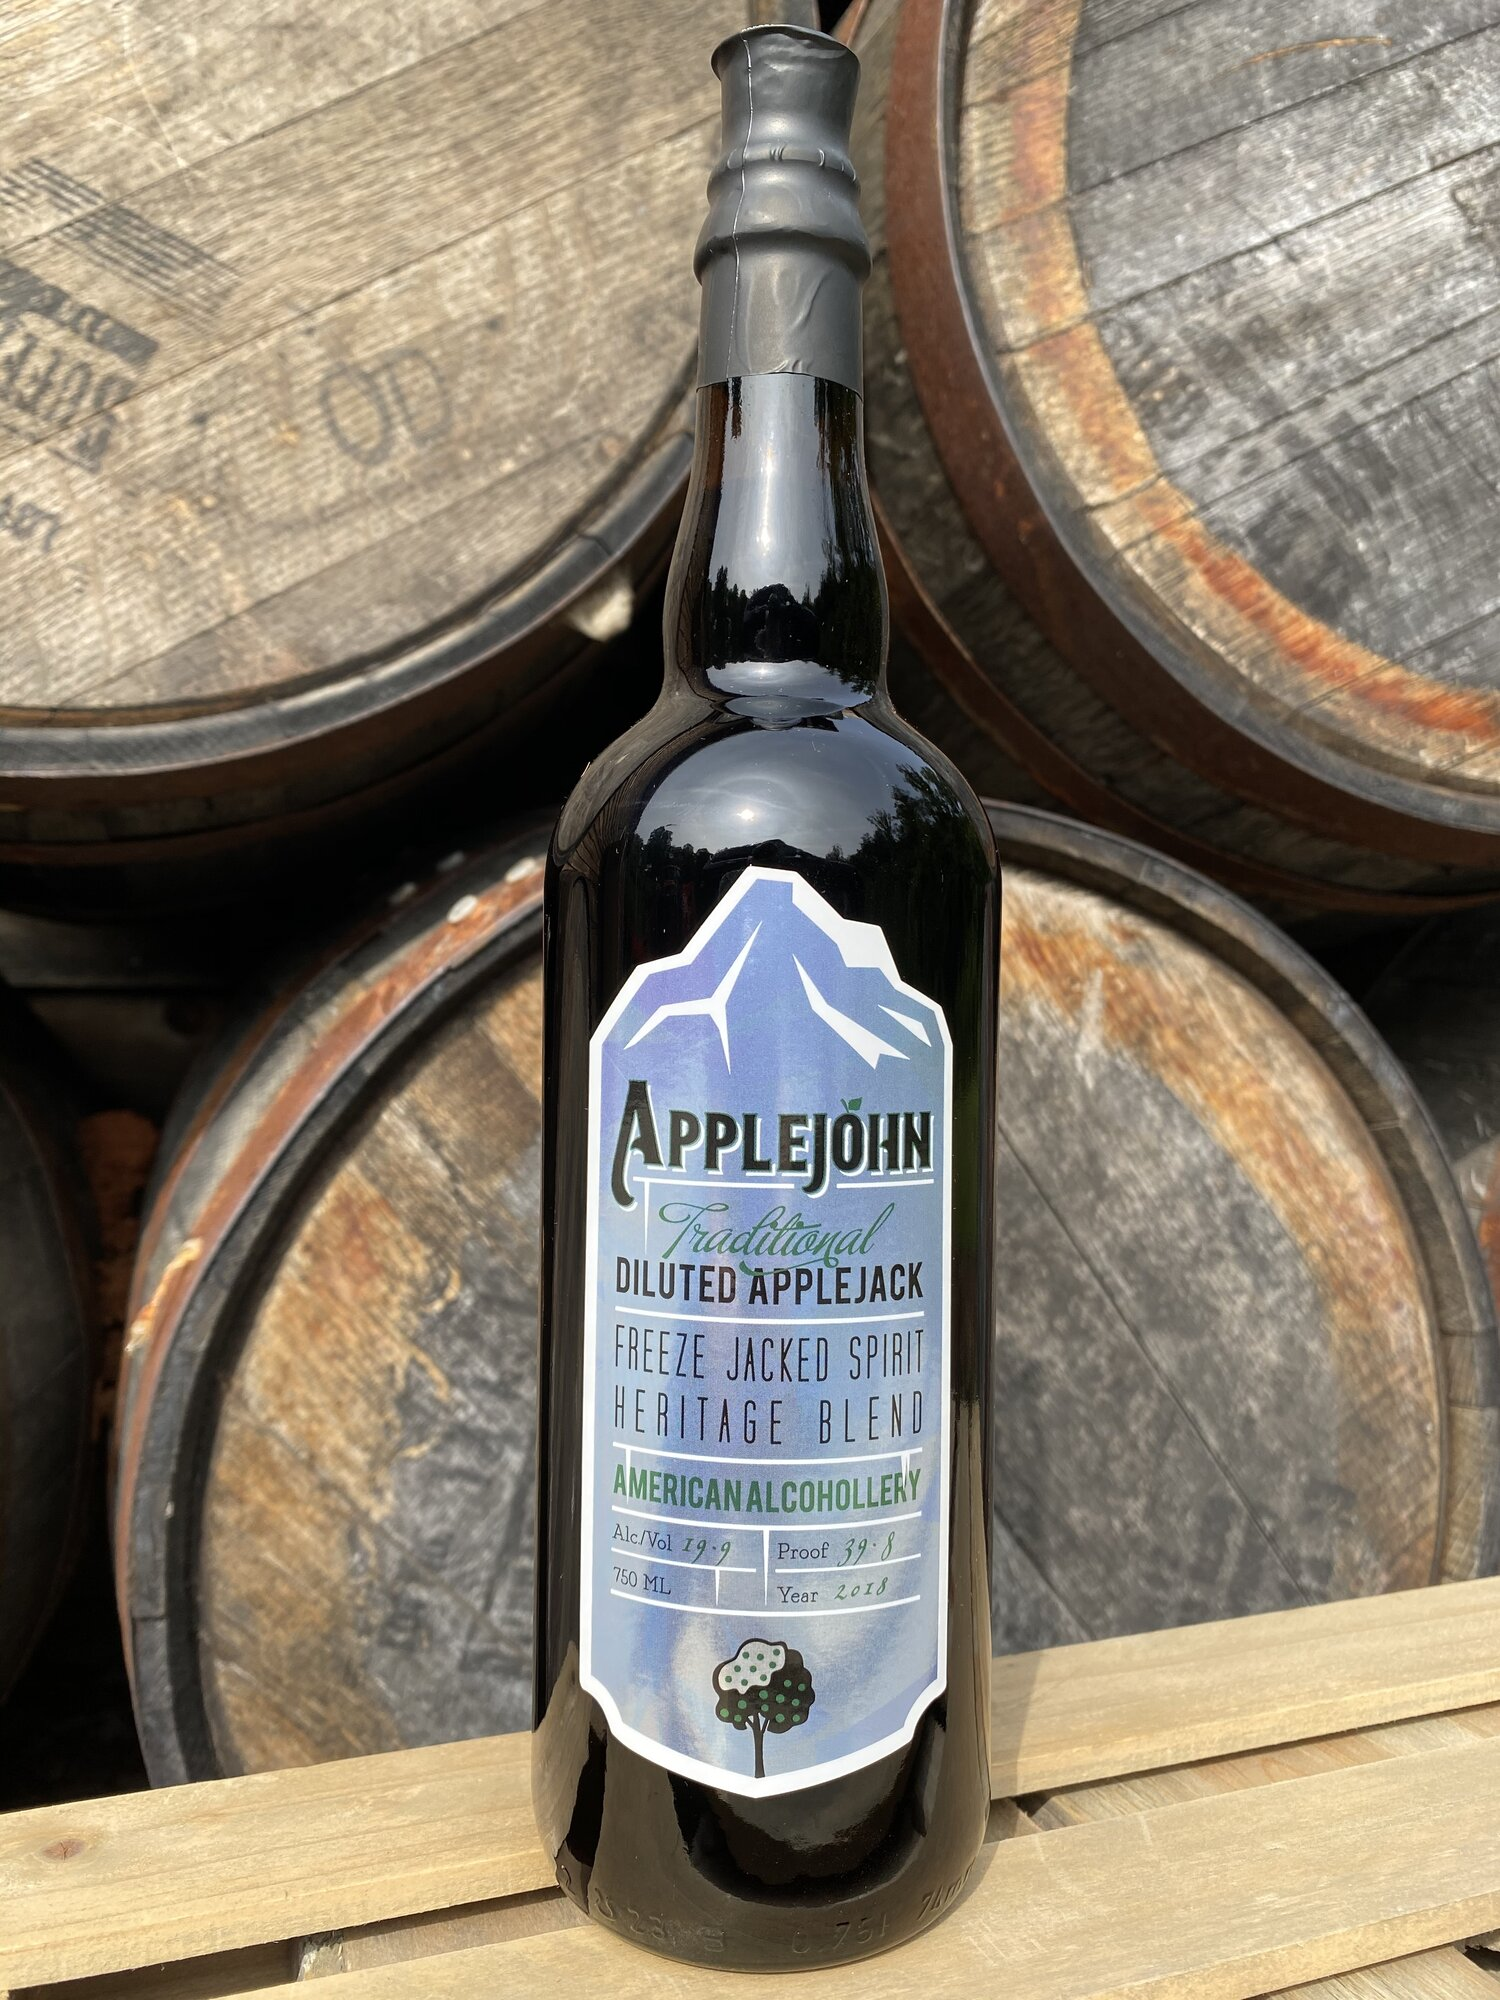 applejohn applejack from holman distillery